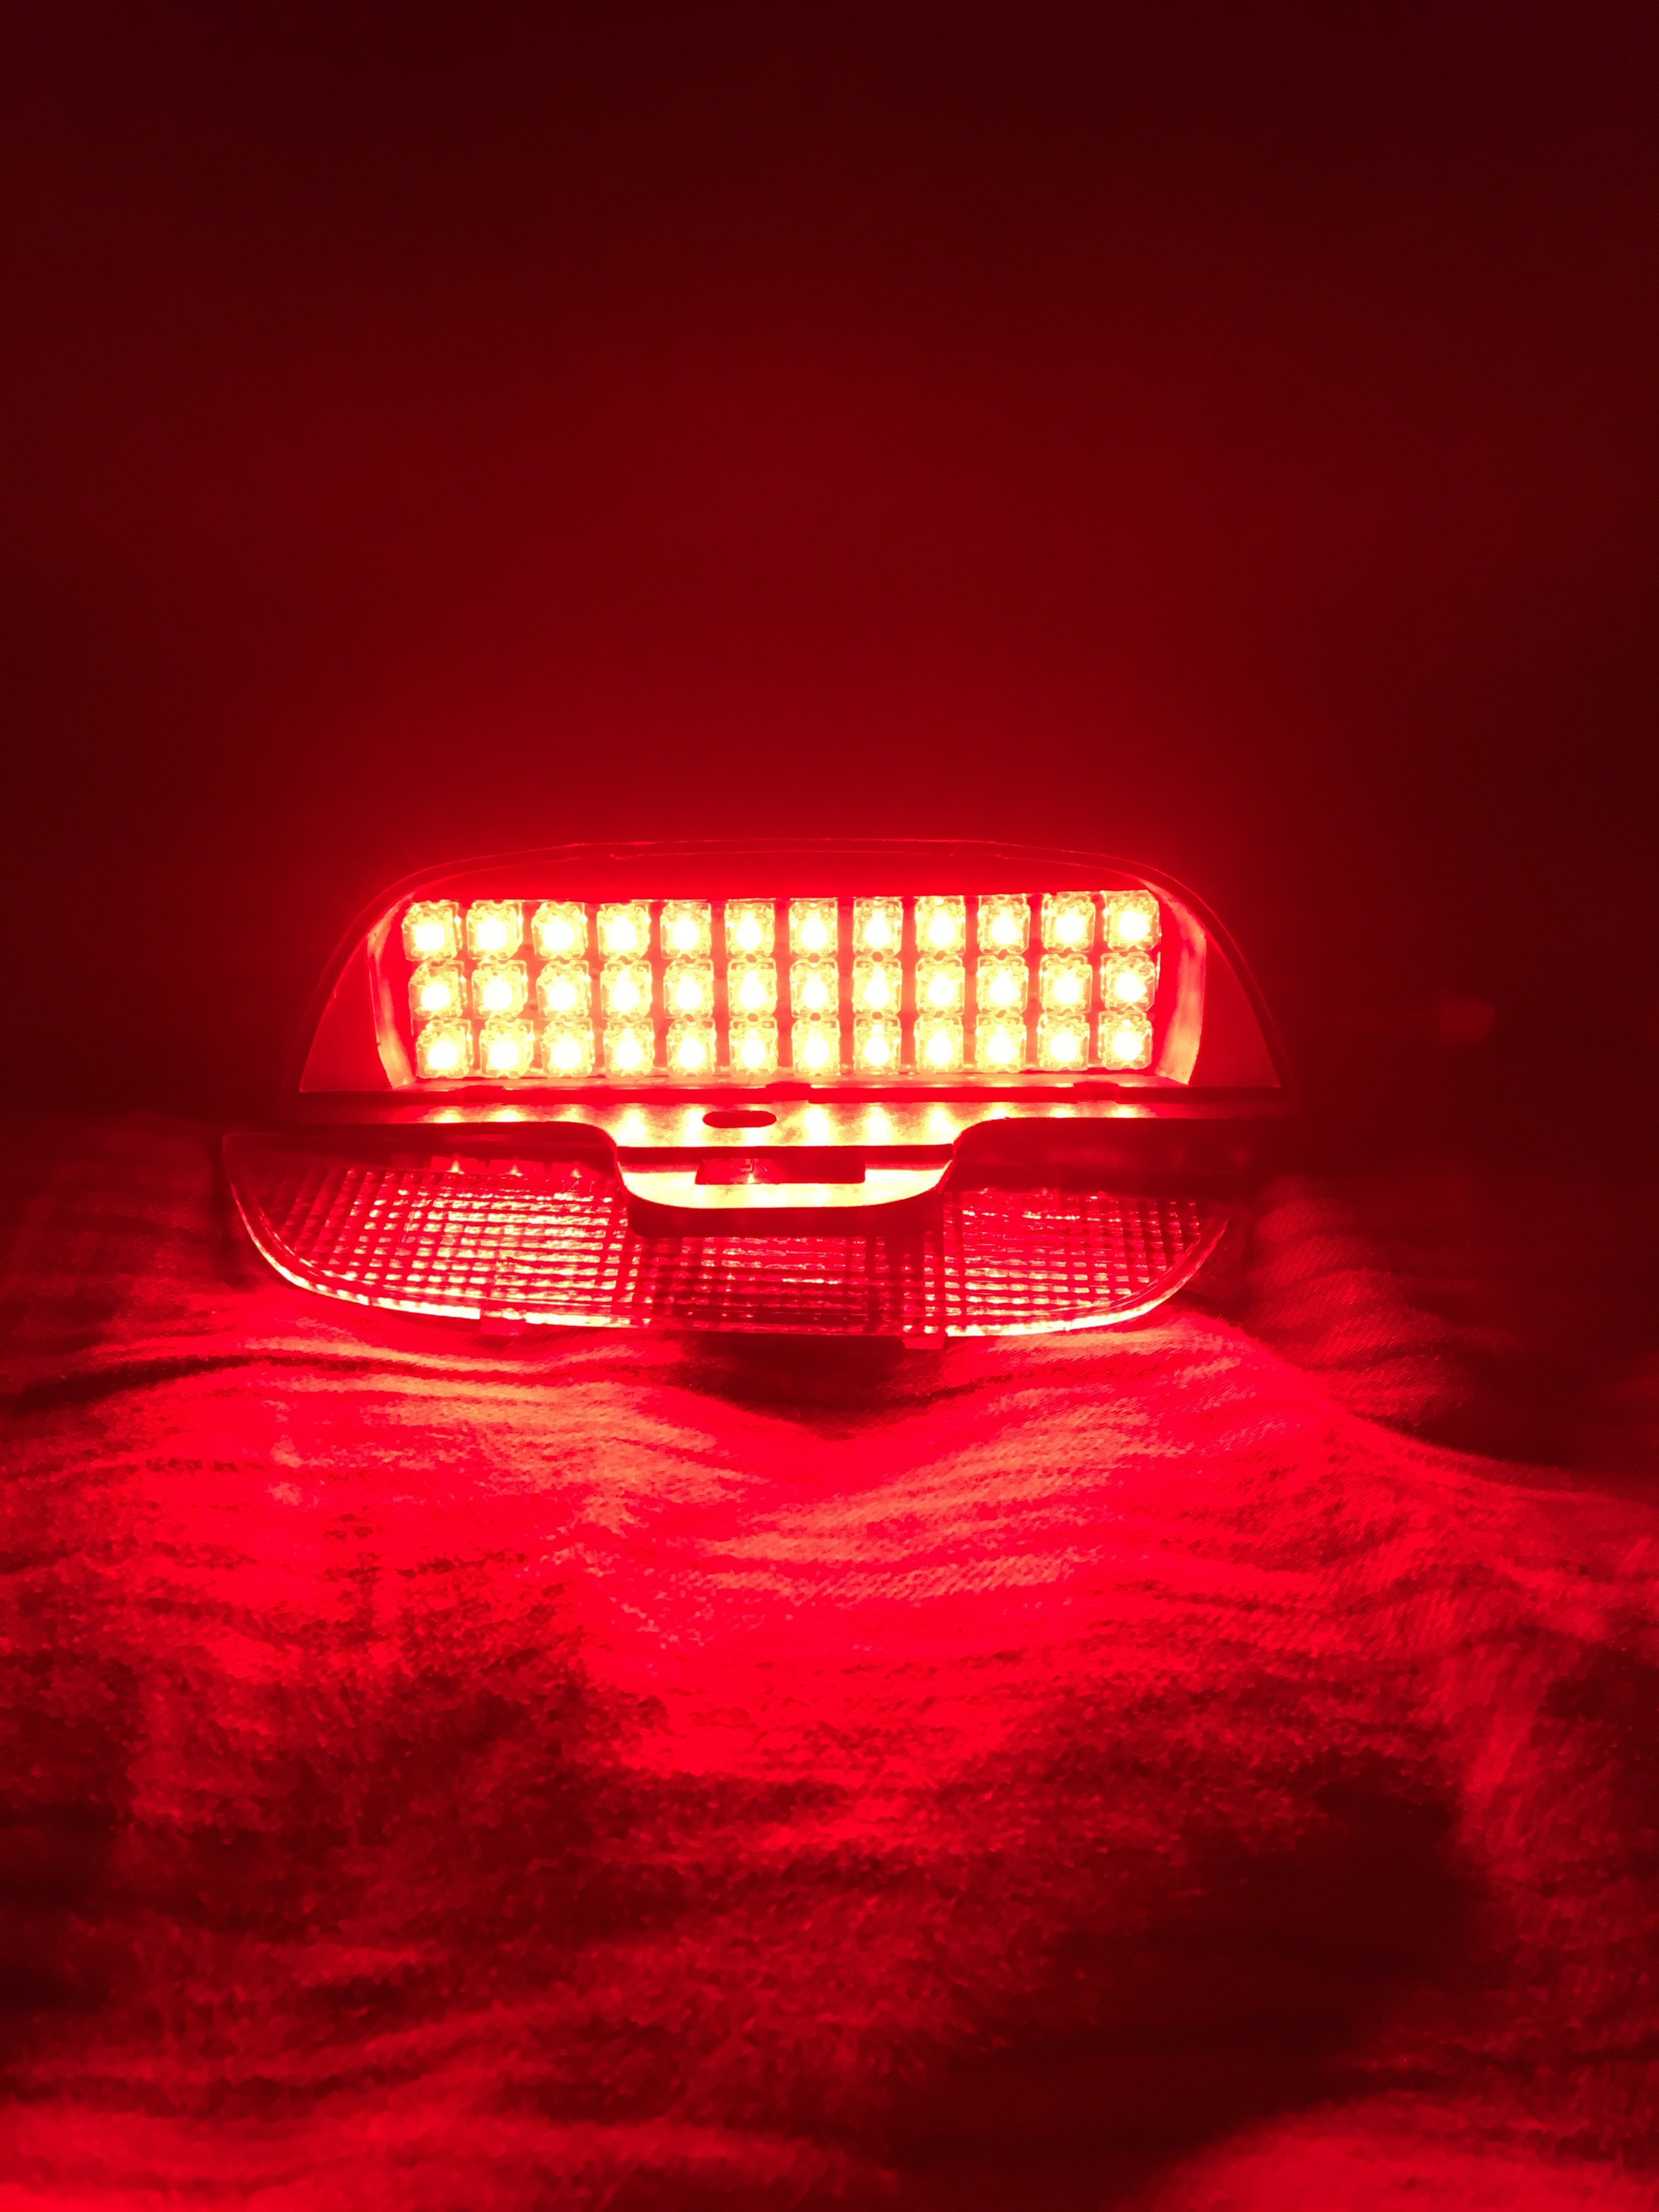 =蘋果光LED專賣=TOYOTA爆亮紅光食人魚LED第三煞車燈TERCEL PREMIO EXSIOR COROLLA